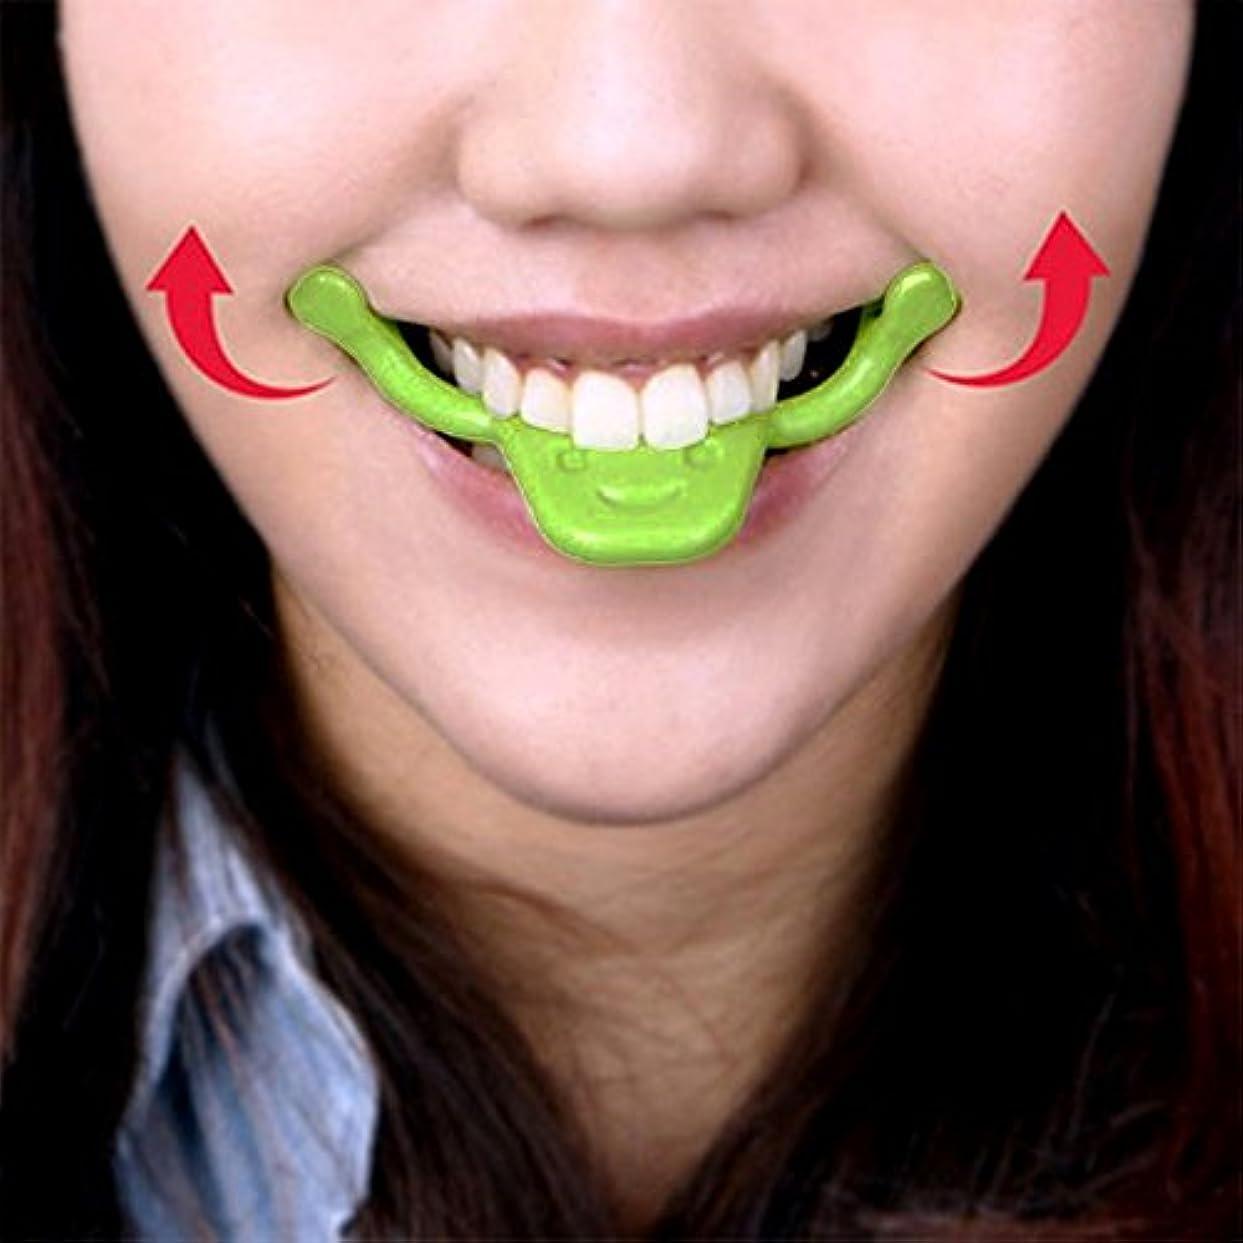 バウンド改善若さ表情筋 トレーニング 小顔 ストレッチ ほうれい線 二重 あご 消す 口角を上げるグッズ 美顔 顔痩せ リフトアップ マウスピース フェイシャルフィットネス (タイプ2)